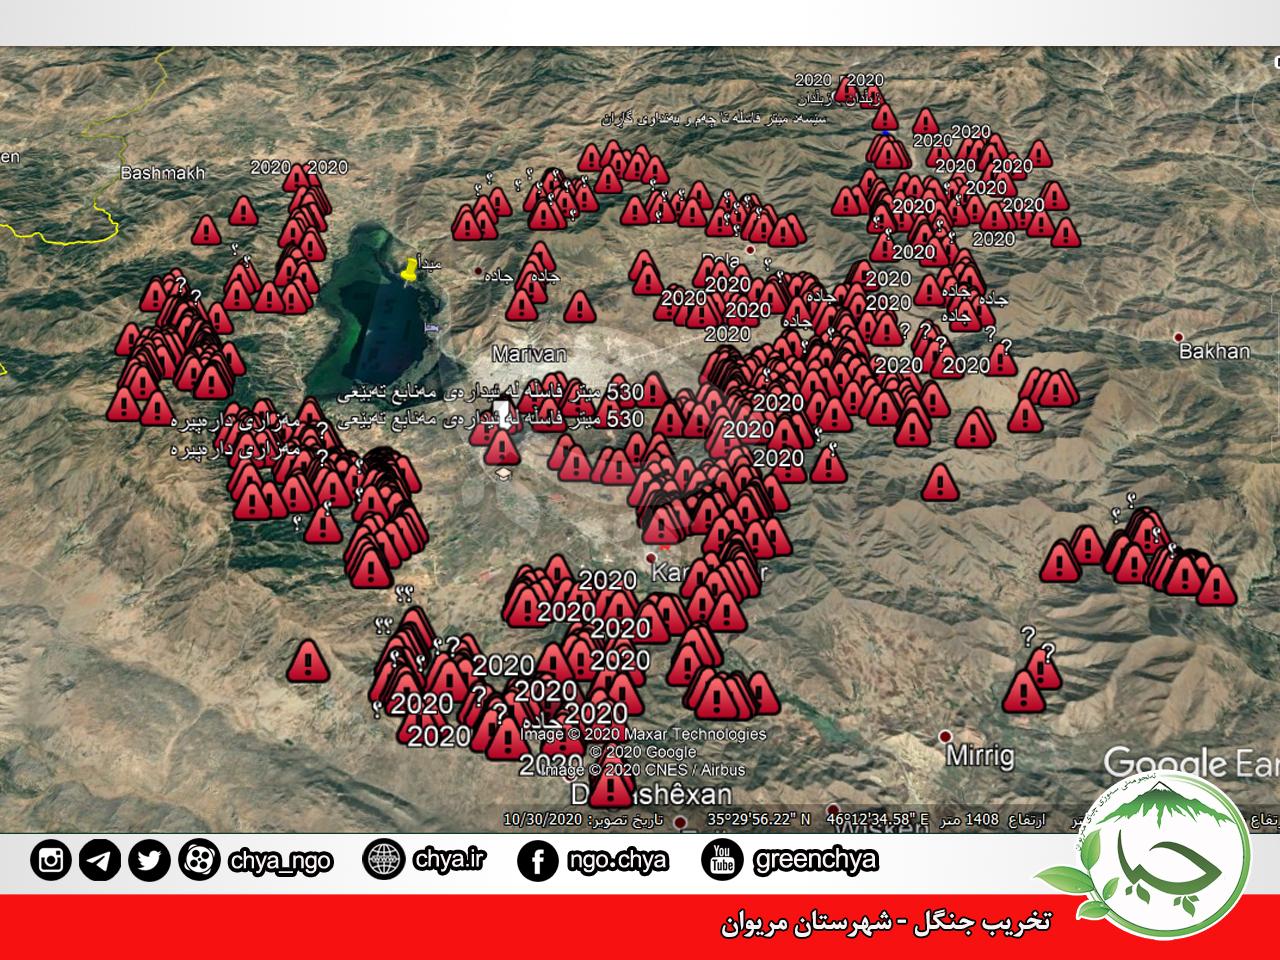 شناسایی بیش از ۶۵۰ مورد تخریب جنگل در شهرستان مریوان و حومه.